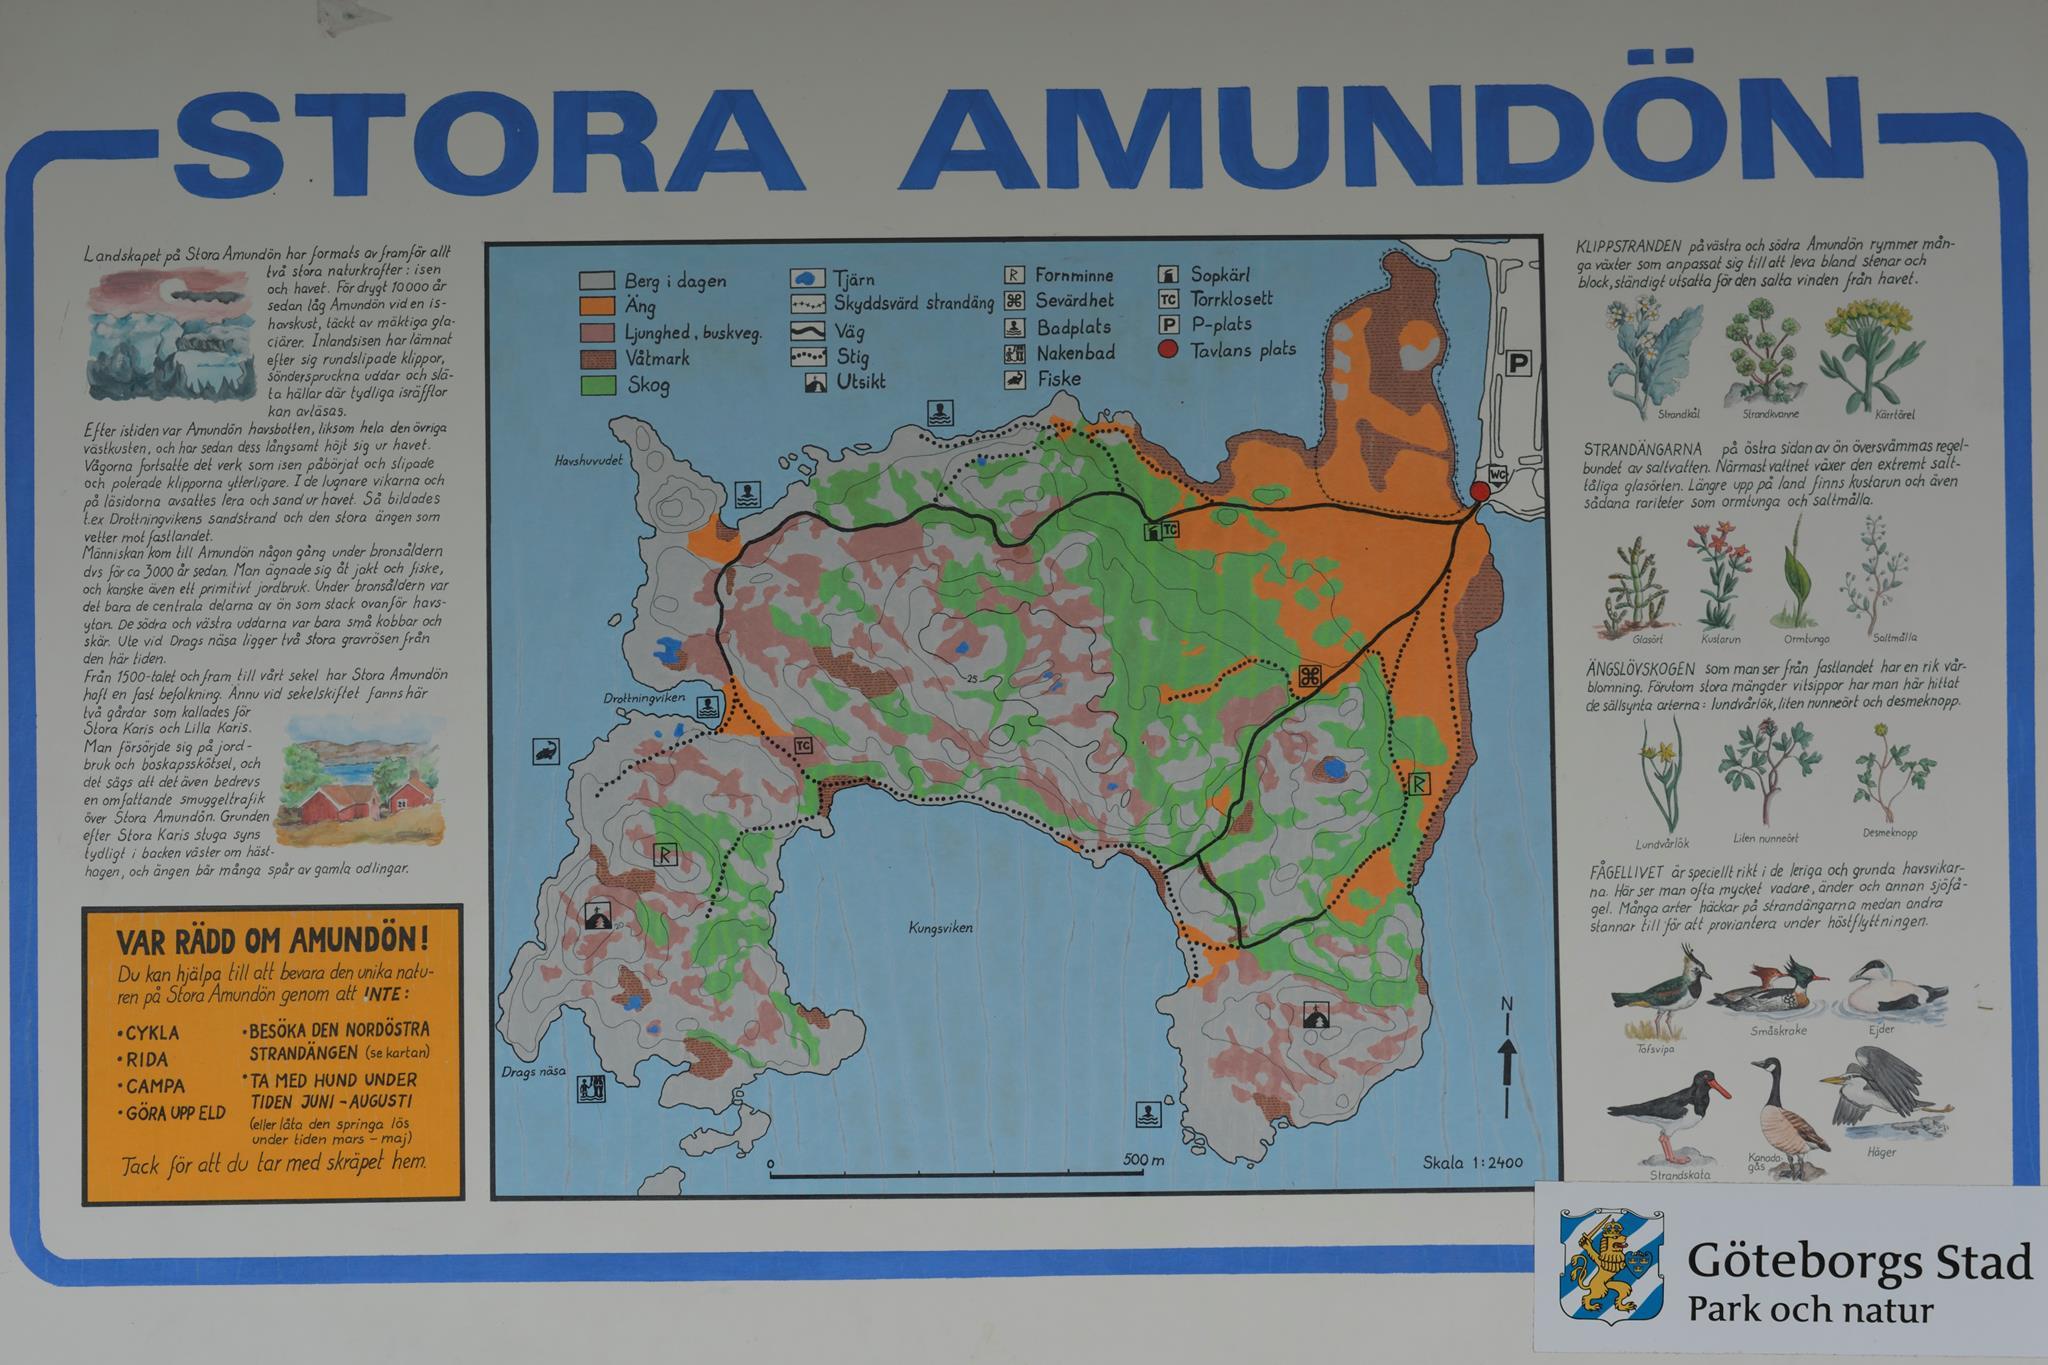 Stora Amundön Vandring Naturvårdsskydd Saknas